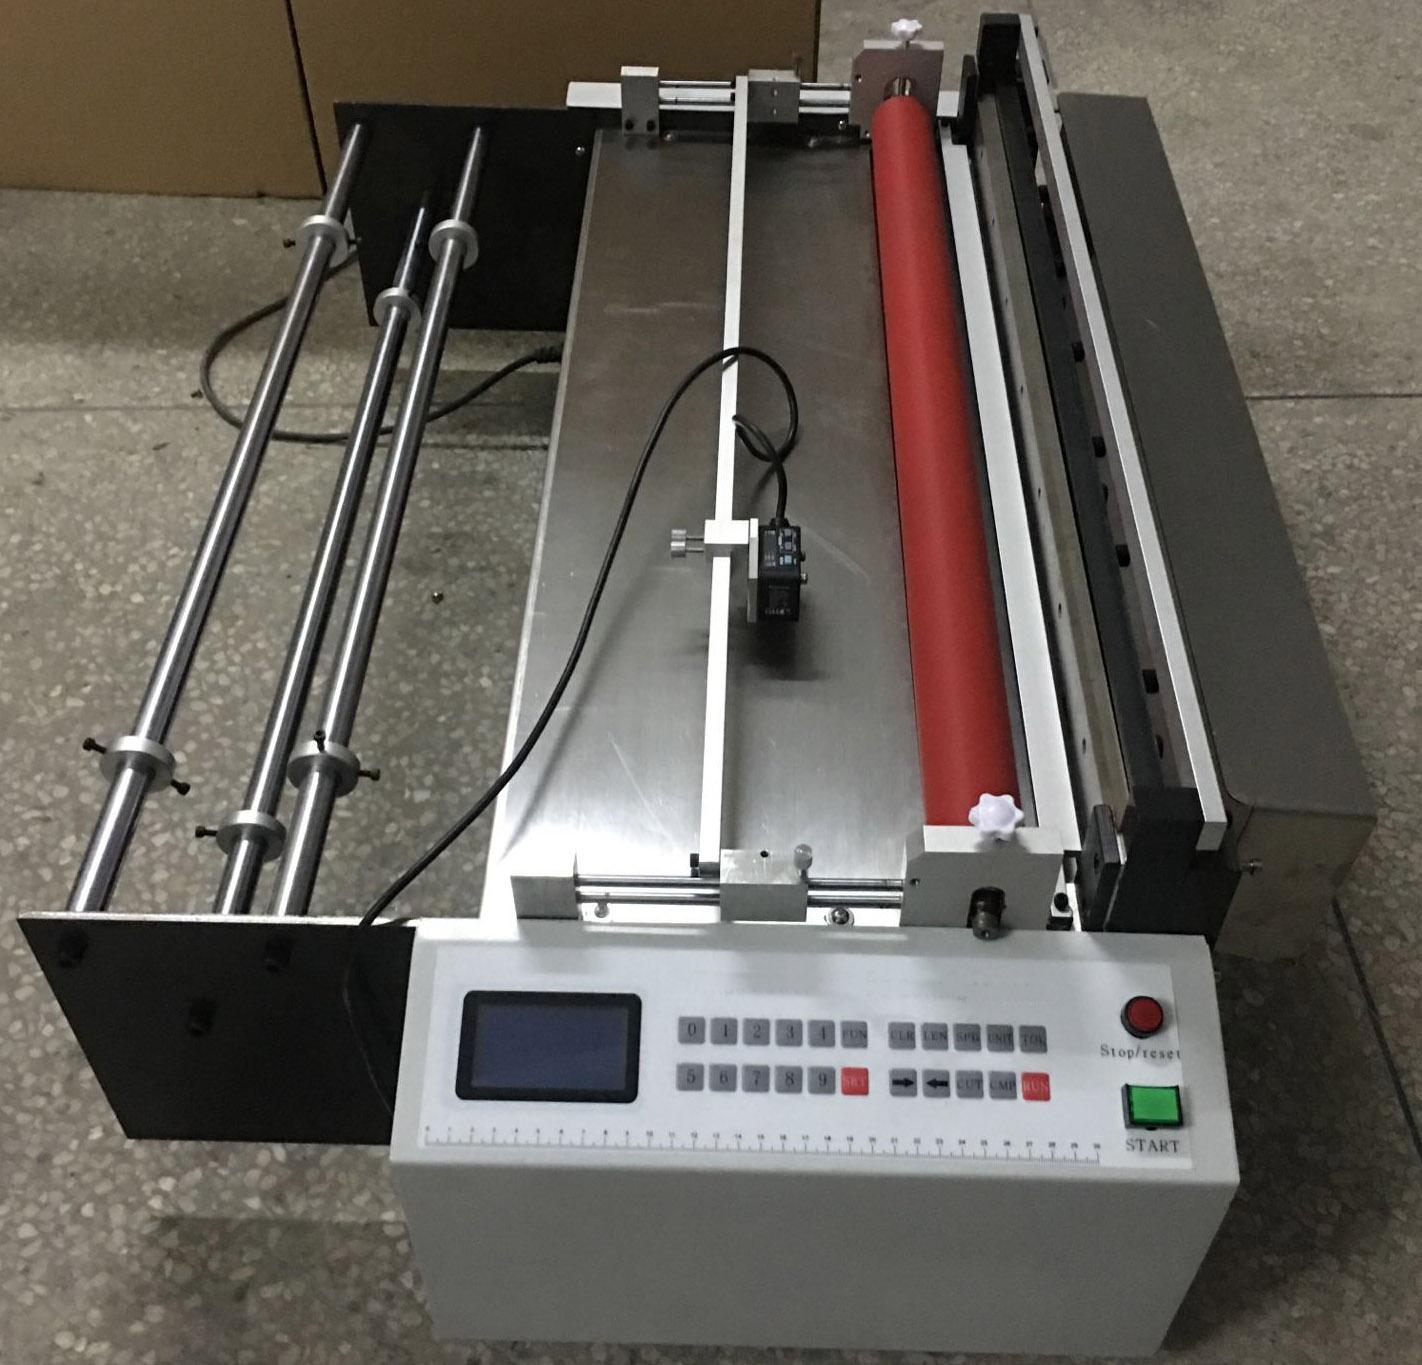 Настольная листорезальная машина QD-table (листорезка - флаторезка). Фотография 6.